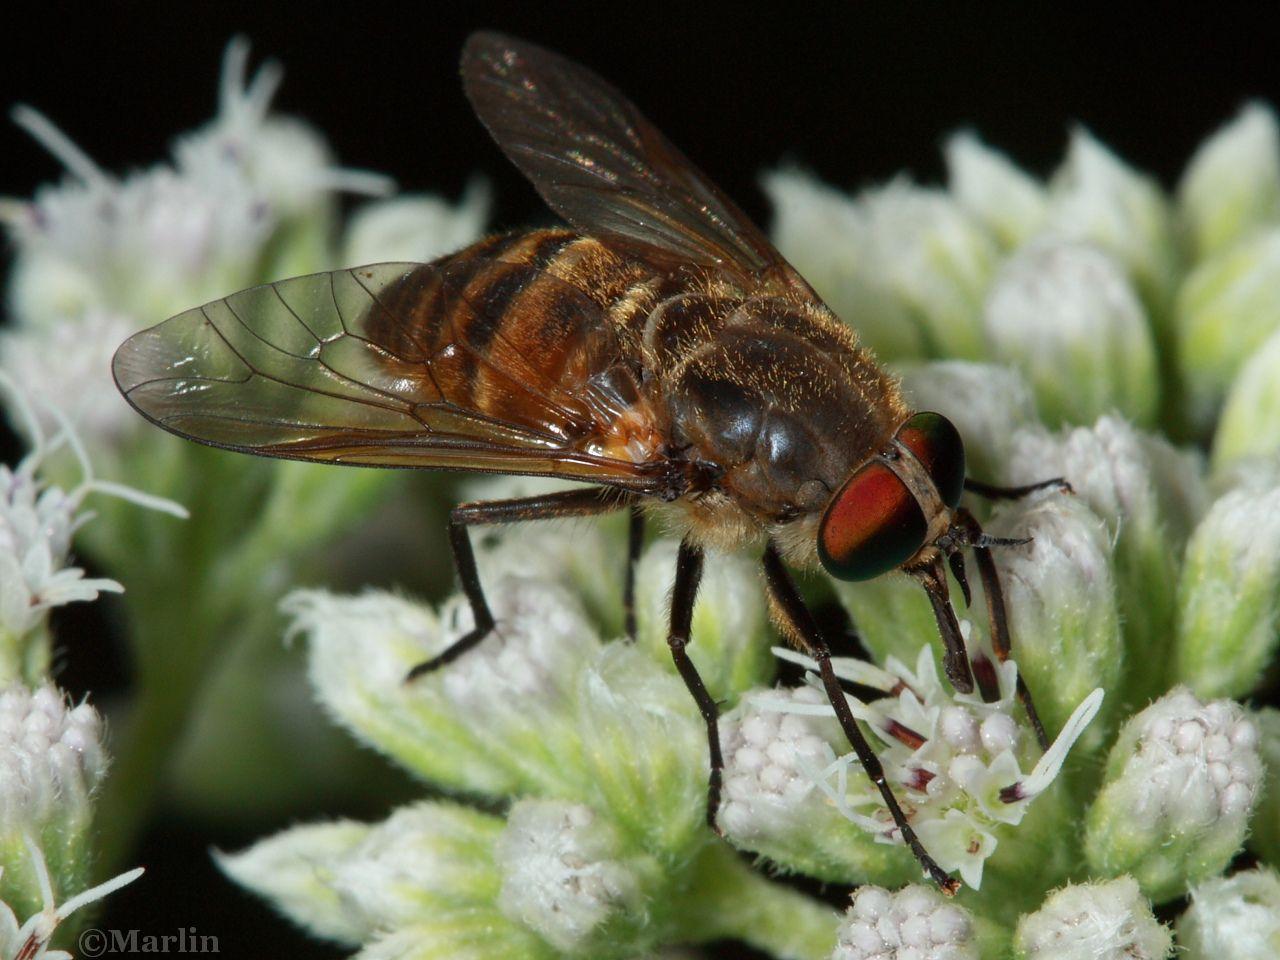 Horse Fly, Stonemyia tranquilla